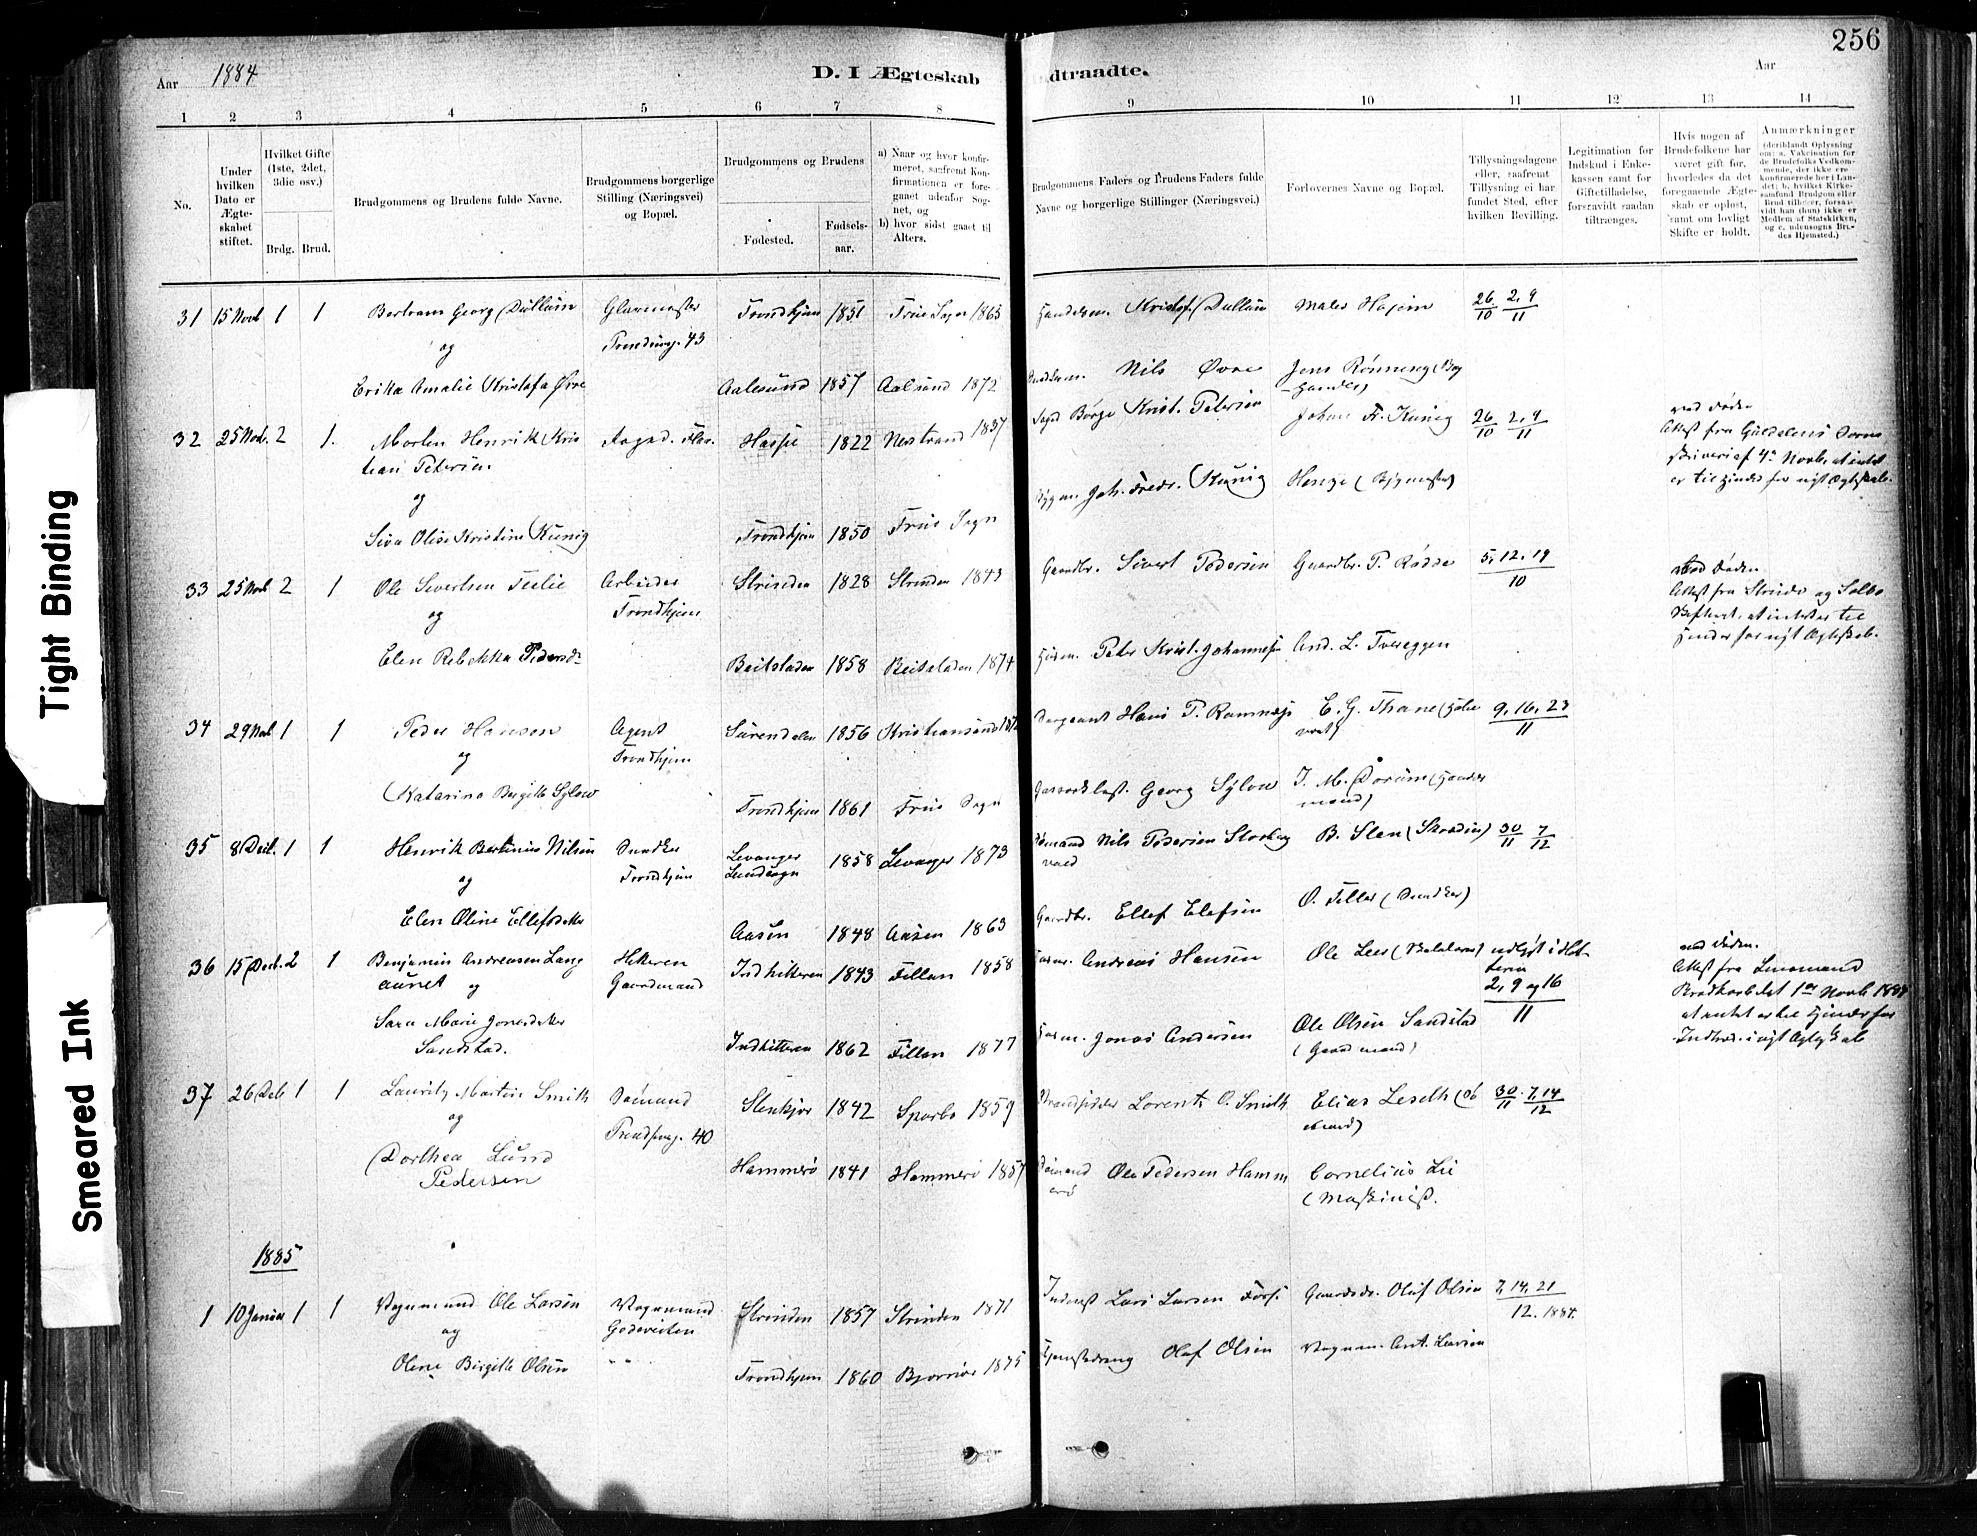 SAT, Ministerialprotokoller, klokkerbøker og fødselsregistre - Sør-Trøndelag, 602/L0119: Ministerialbok nr. 602A17, 1880-1901, s. 256